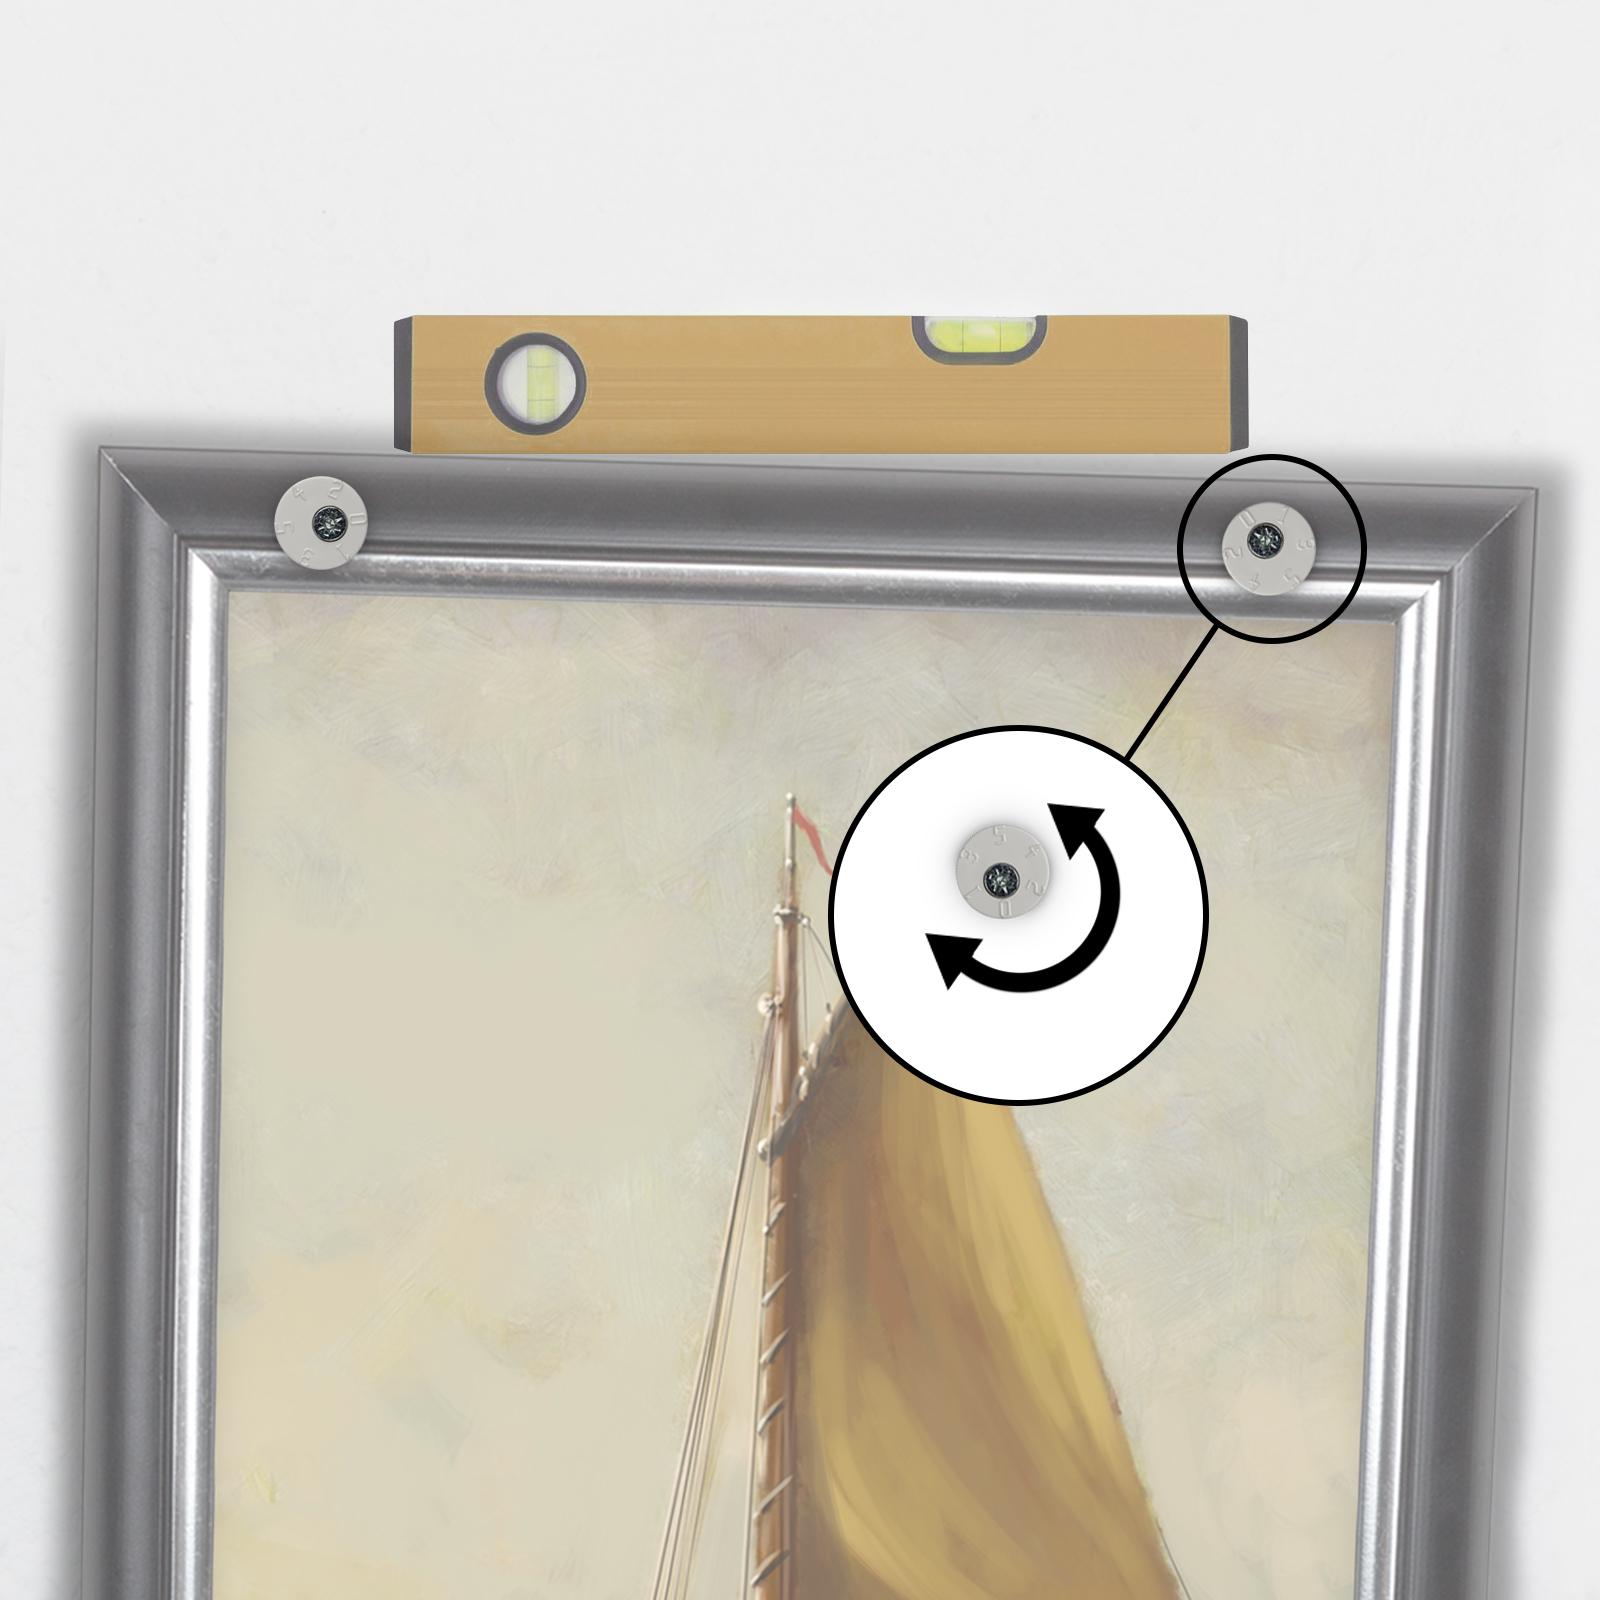 Beste Wie Ein Massepegel Deck Rahmen Galerie - Benutzerdefinierte ...